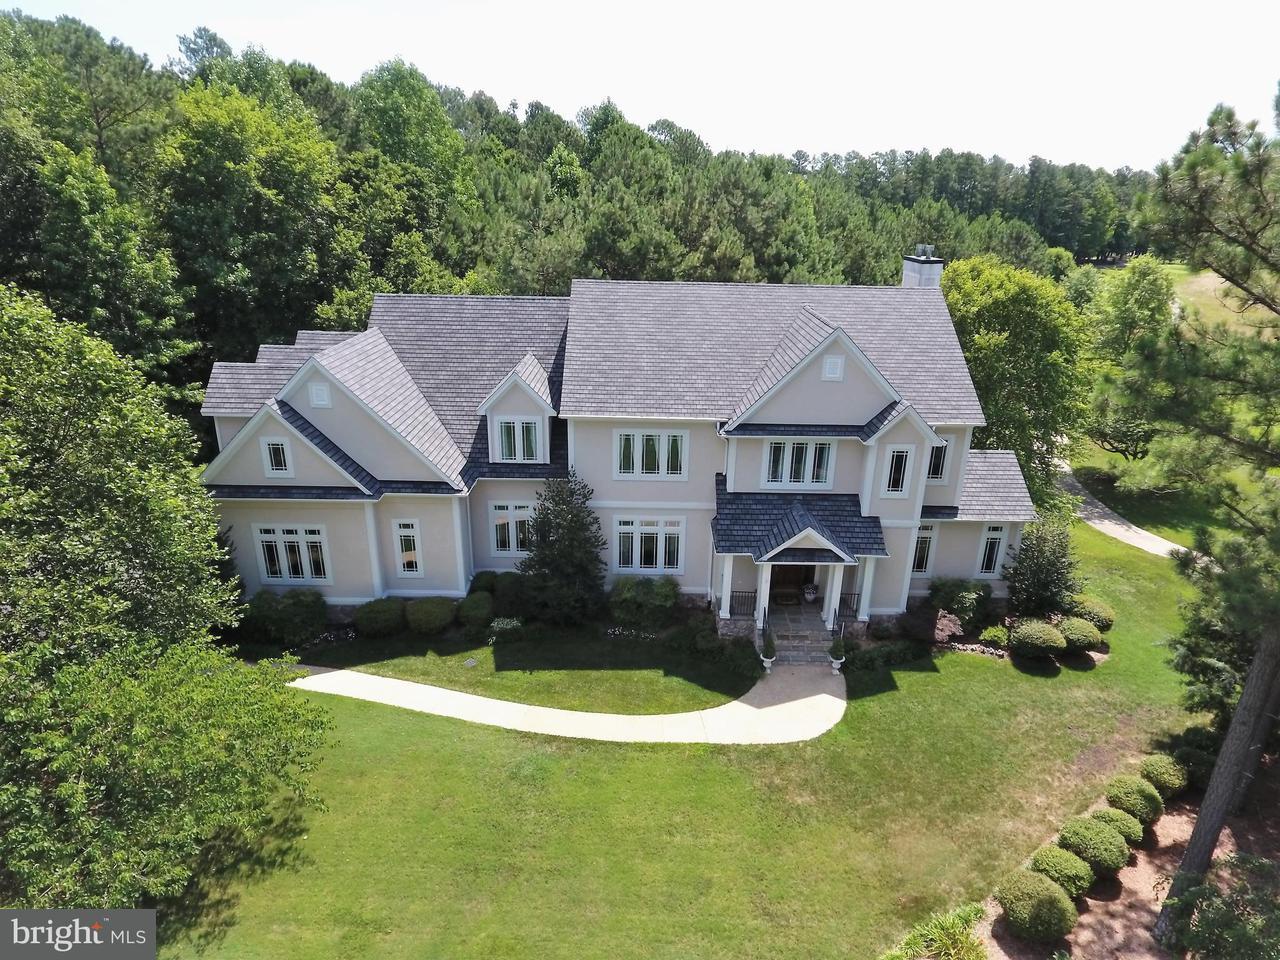 一戸建て のために 売買 アット 11403 LITTLE BAY HARBOR WAY 11403 LITTLE BAY HARBOR WAY Spotsylvania, バージニア 22551 アメリカ合衆国